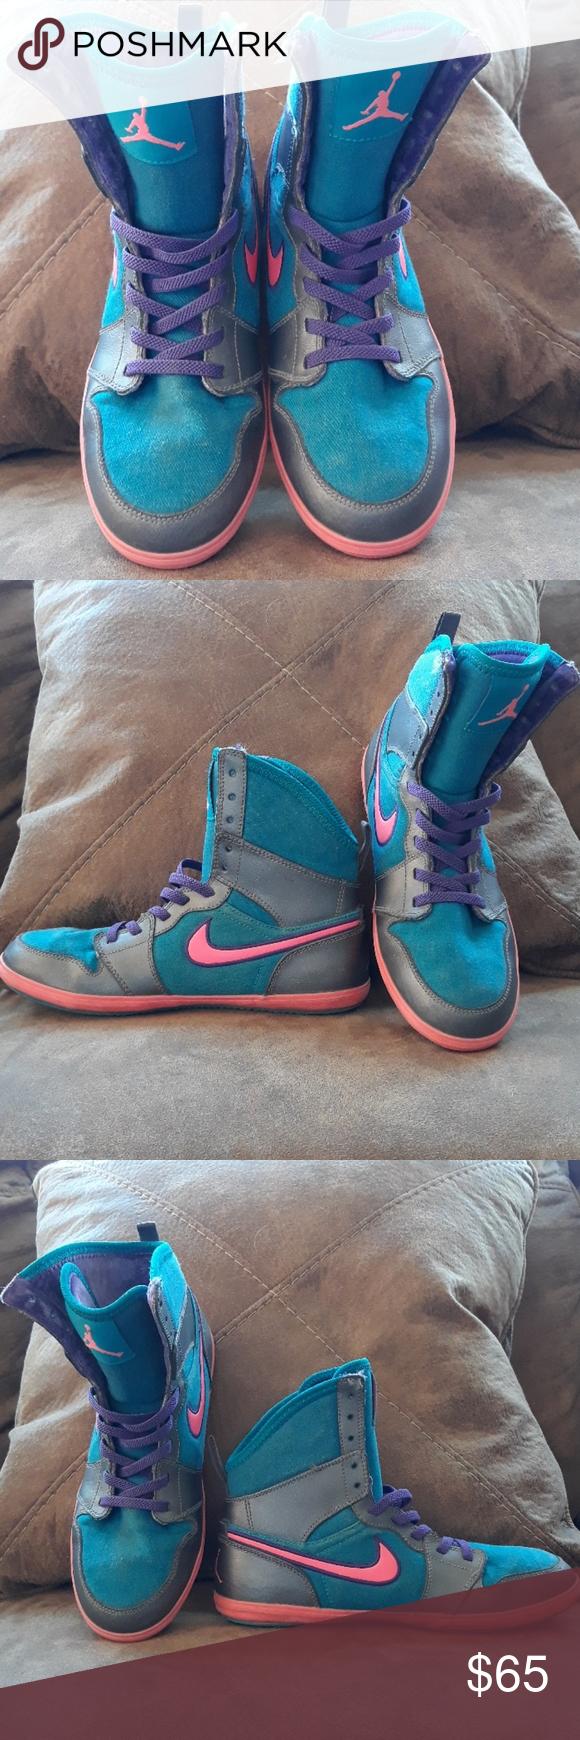 Nike Air Jordan 1 Skinny High Tops These are great kicks